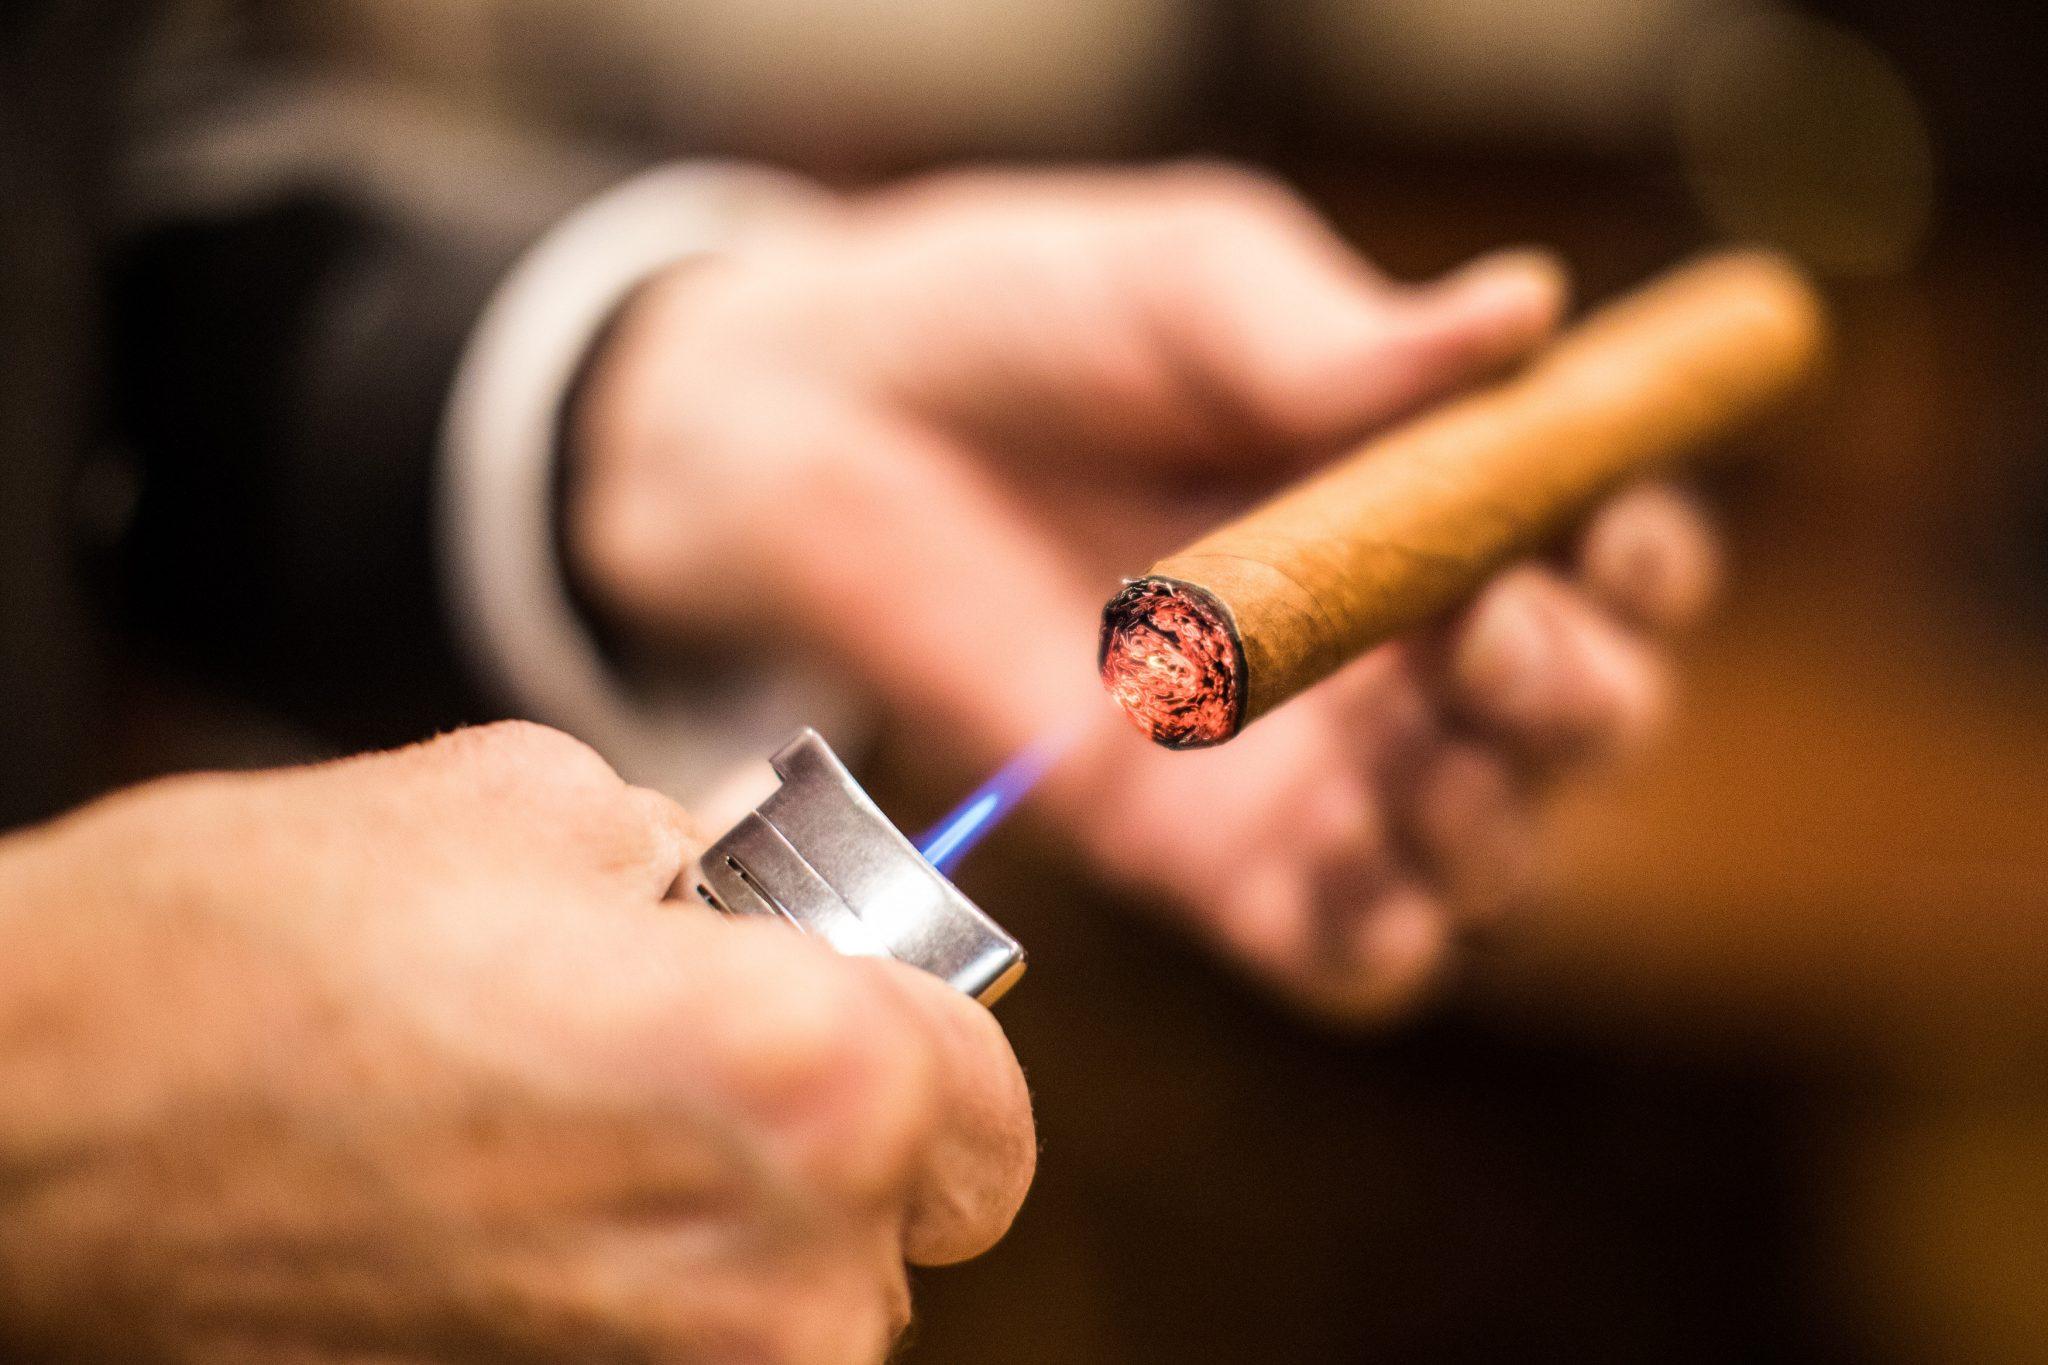 Smoking cigar with asshole big